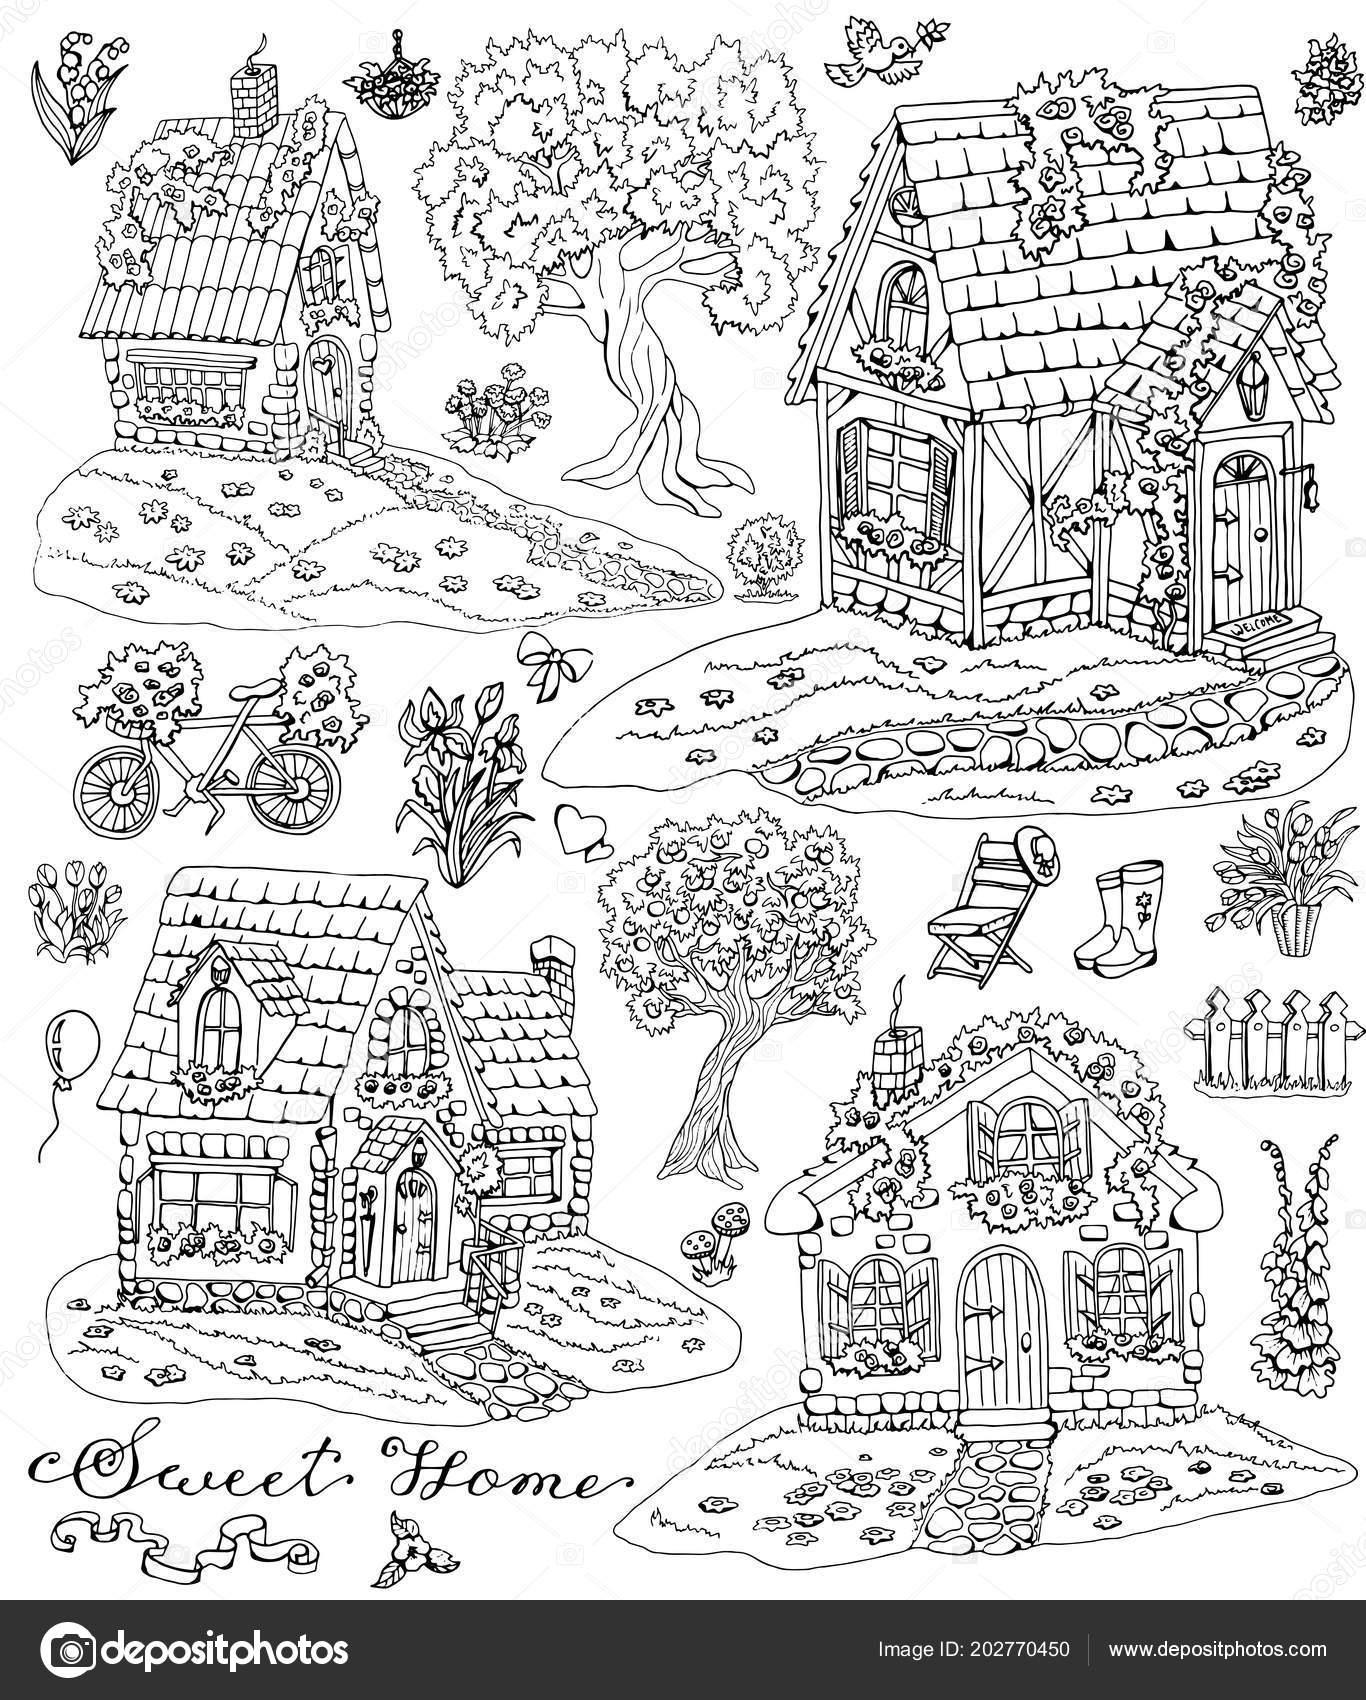 şirin Köy Evleri Ağaçlar çiçekler Bahçe Nesneleri Boyama Sayfası